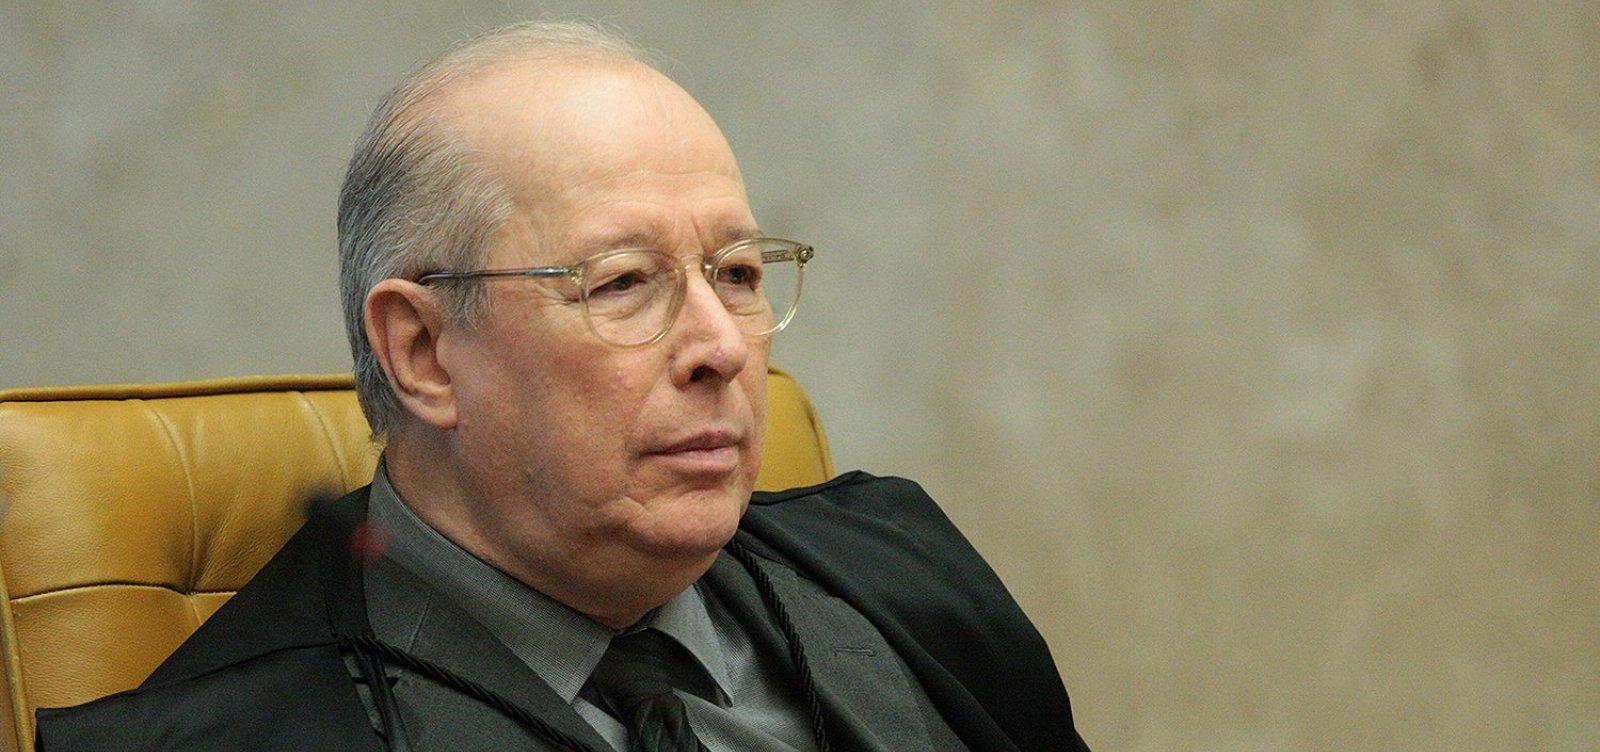 Declaração do filho de Bolsonaro é 'golpista', diz ministro do STF